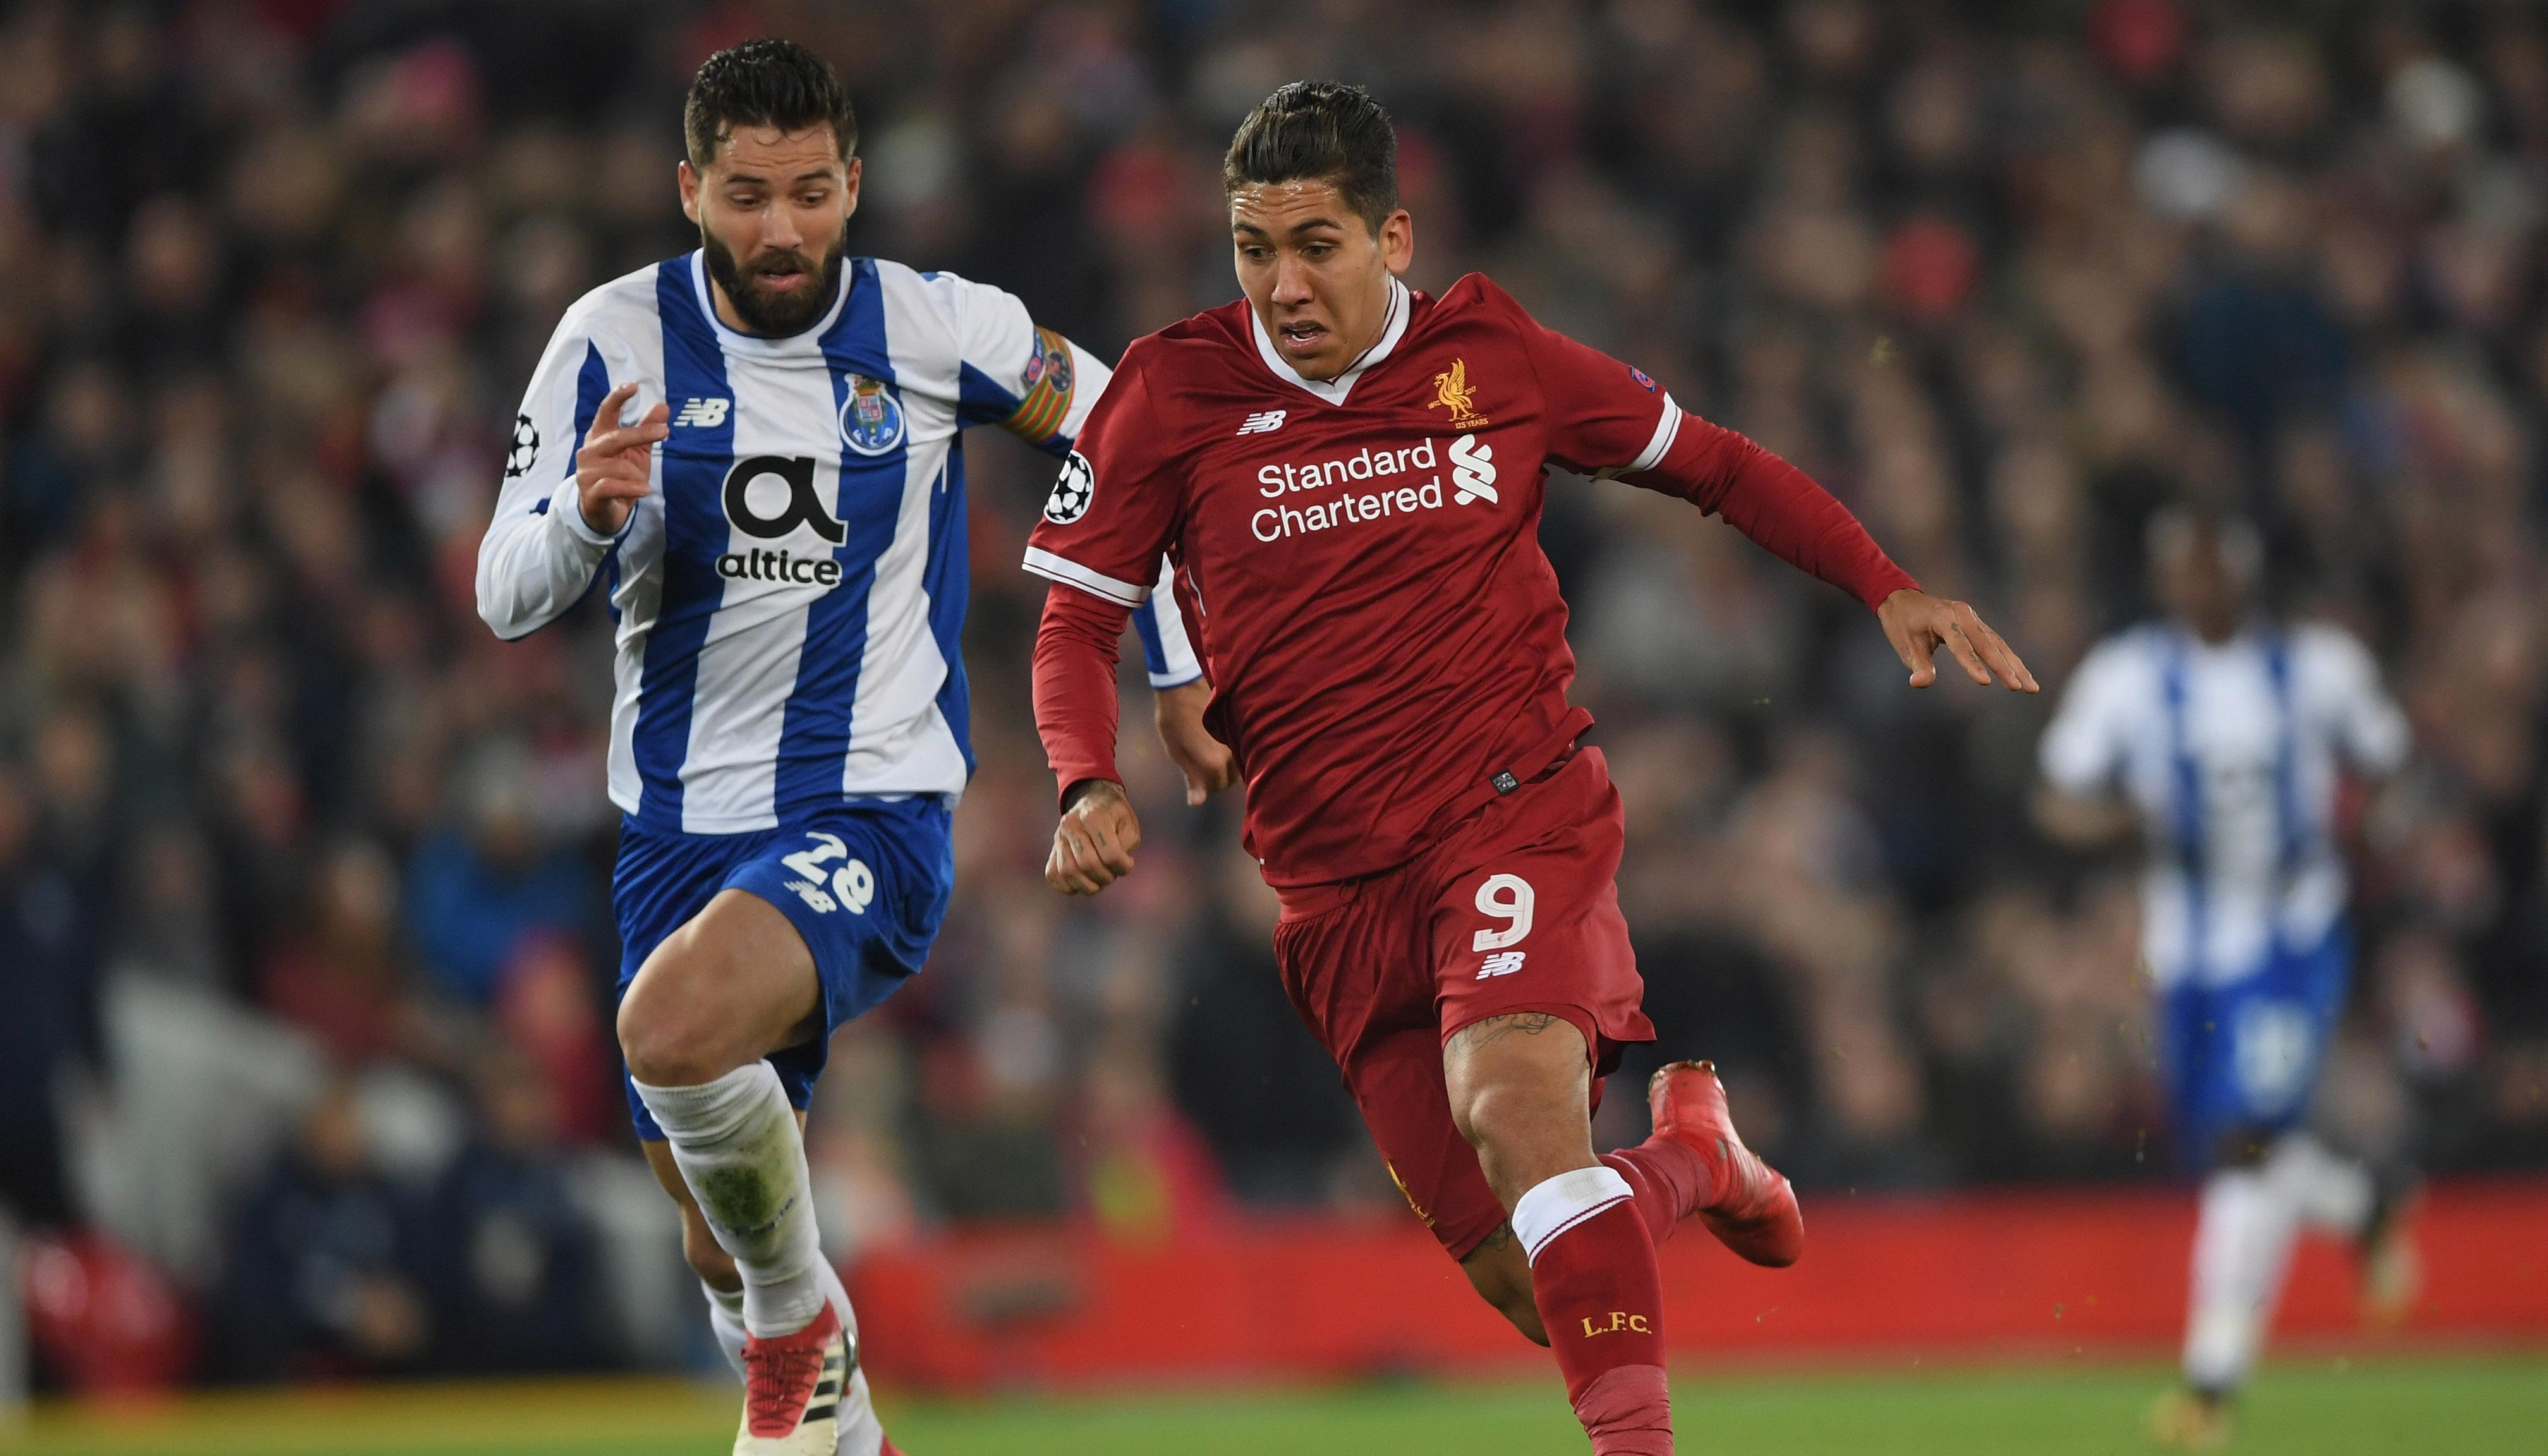 FC Liverpool – FC Porto: So eindeutig wie 2018 wird es nicht mehr